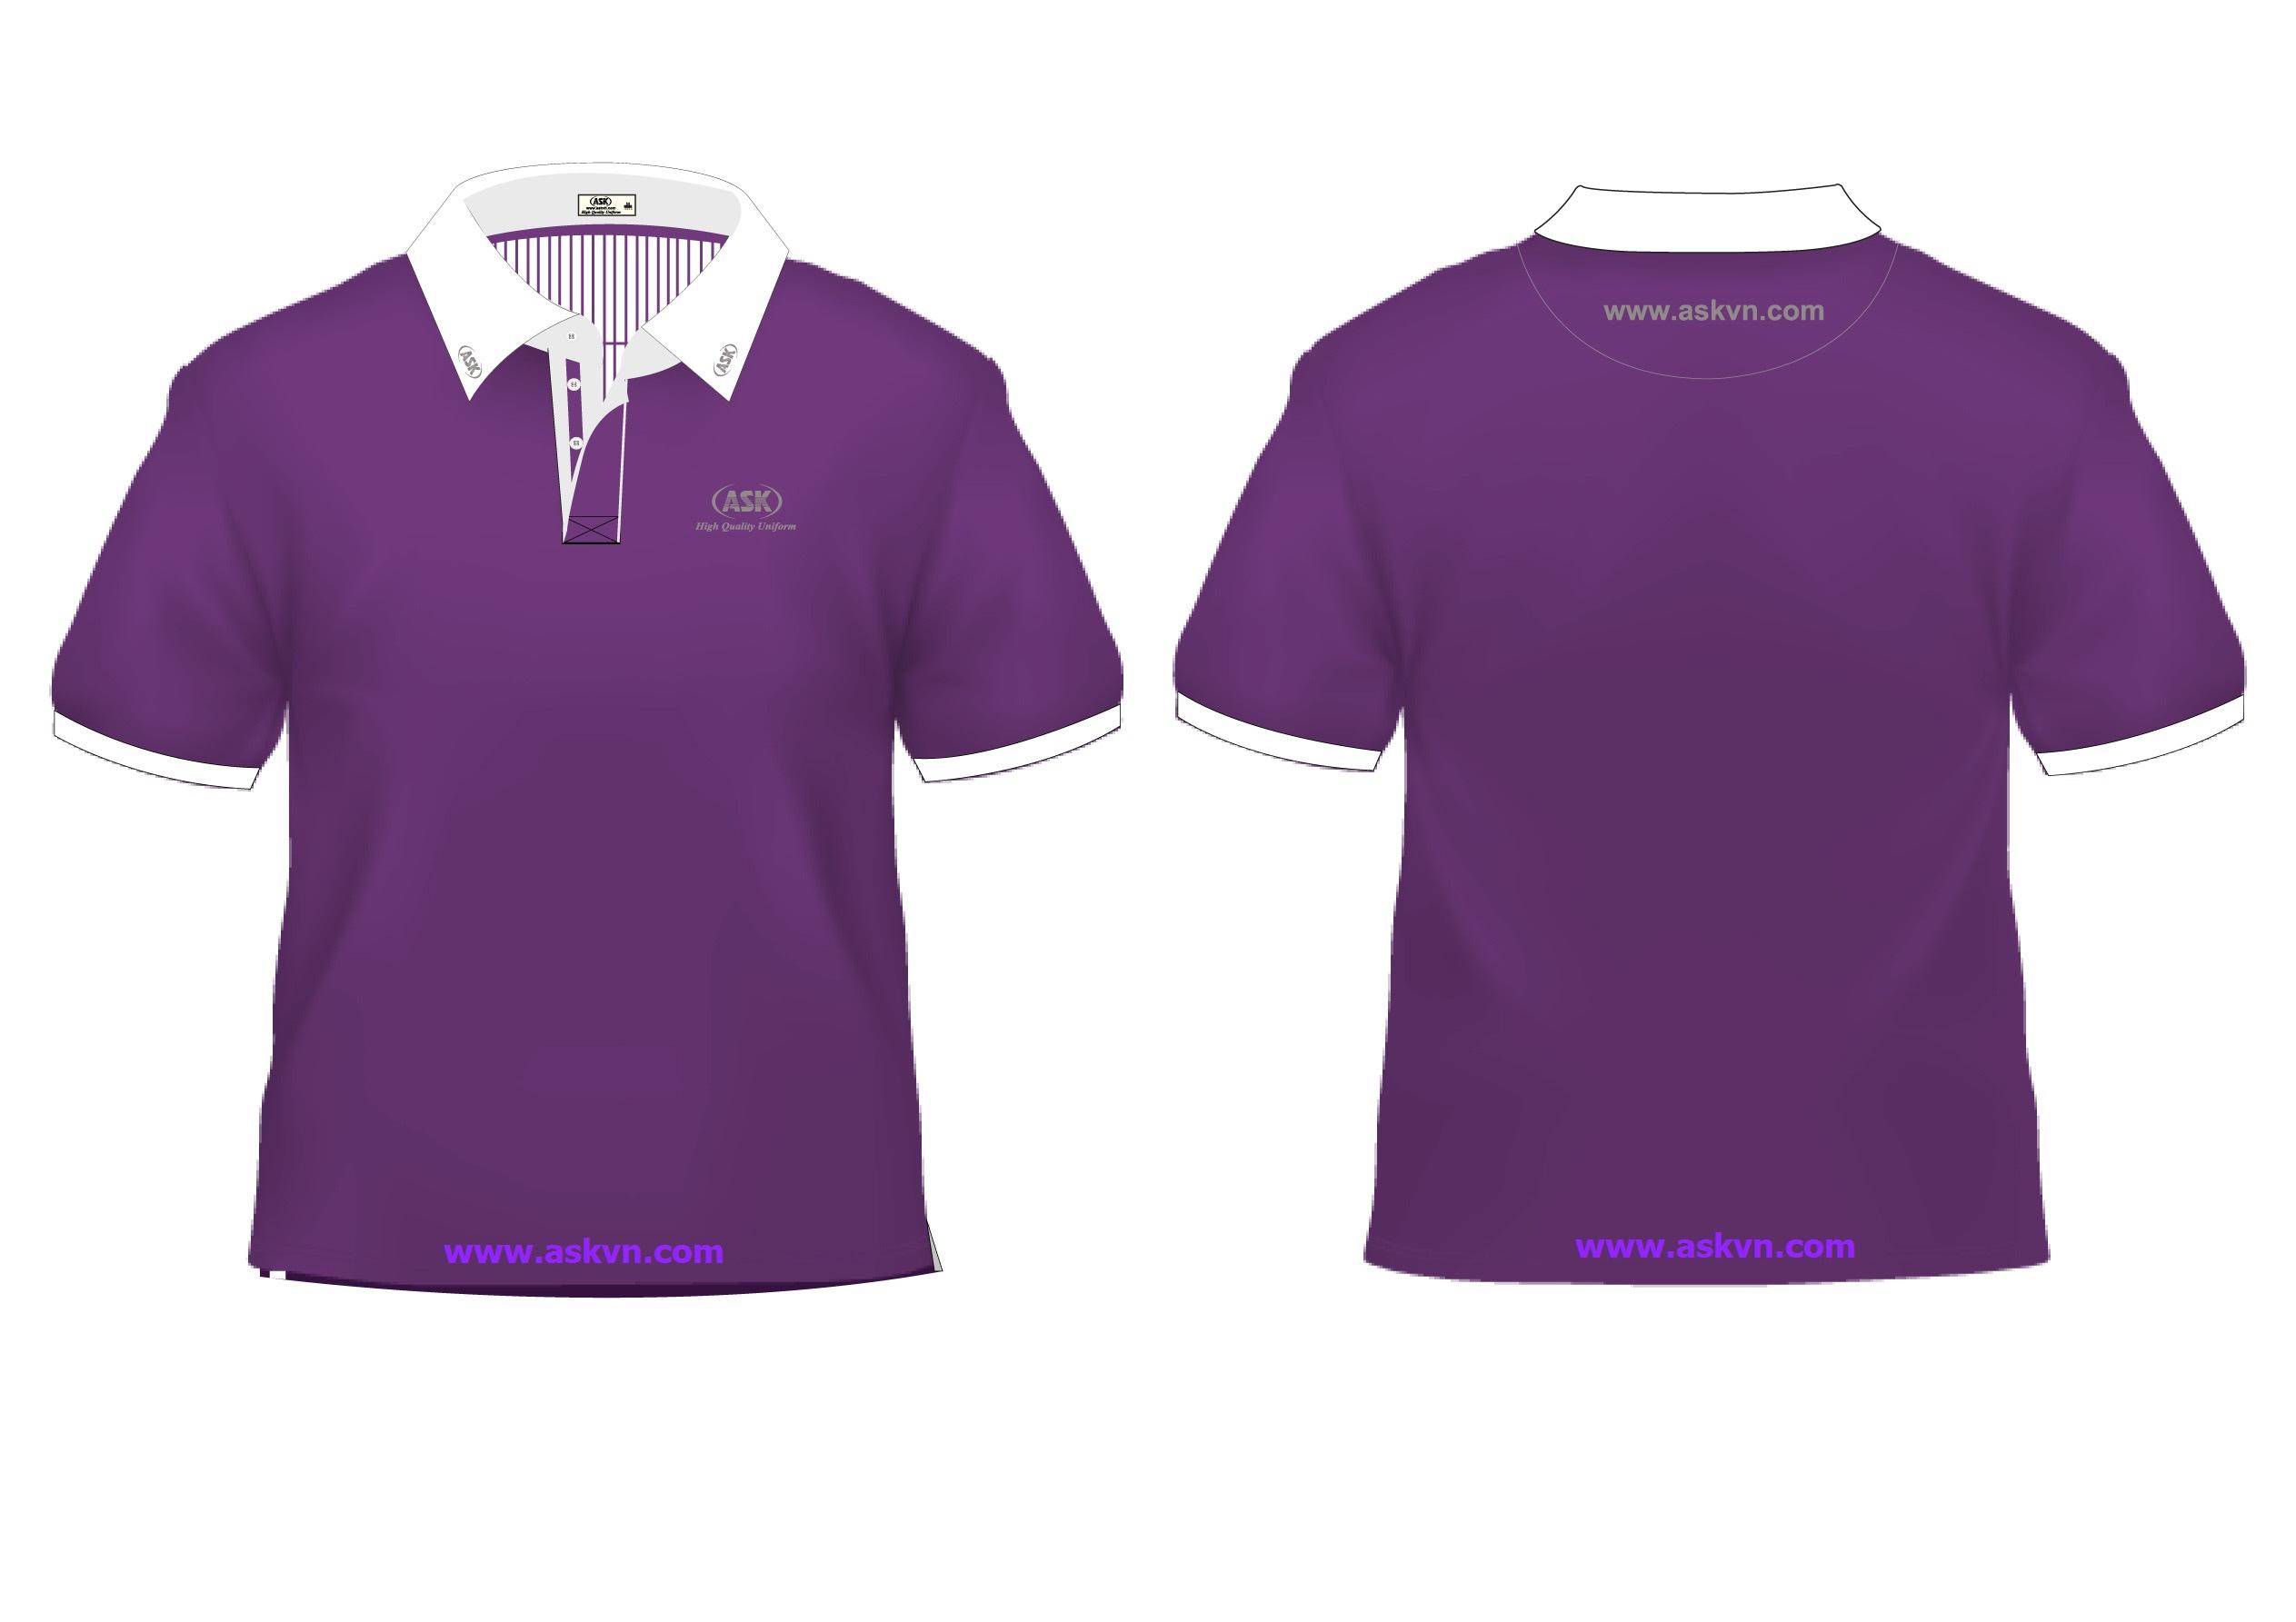 Công Ty Phú Khang Chuyên may áo thun và in áo thun quảng cáo giá rẻ: – Áo thun đồng phục công ty – Áo thun s,ự kiện quảng cáo –